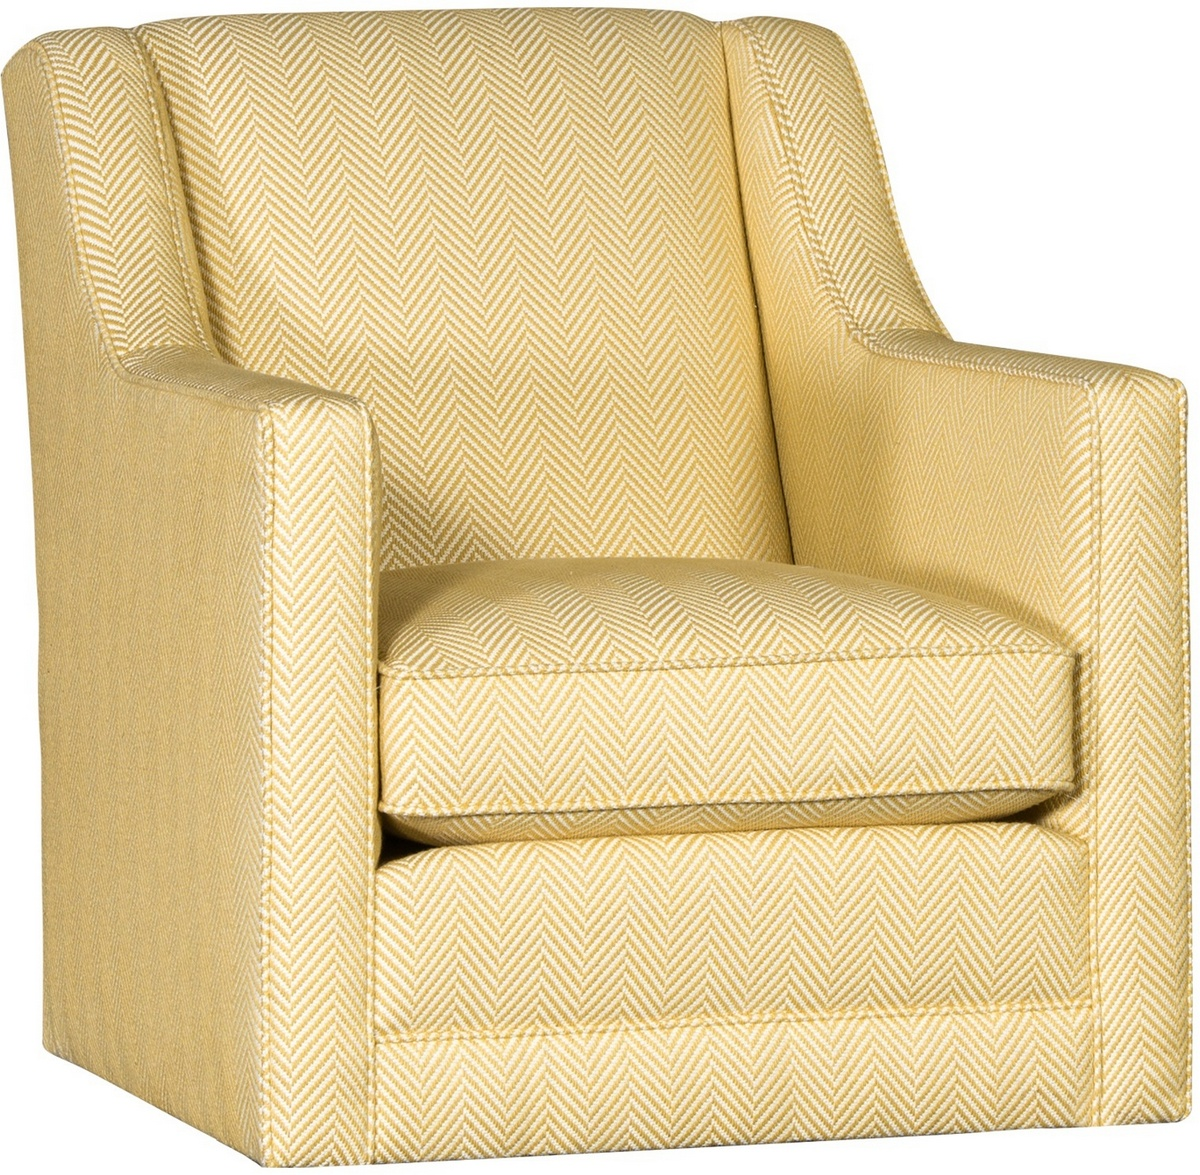 Chelsea Home Garson Swivel Glider Chair Underwood Citrine